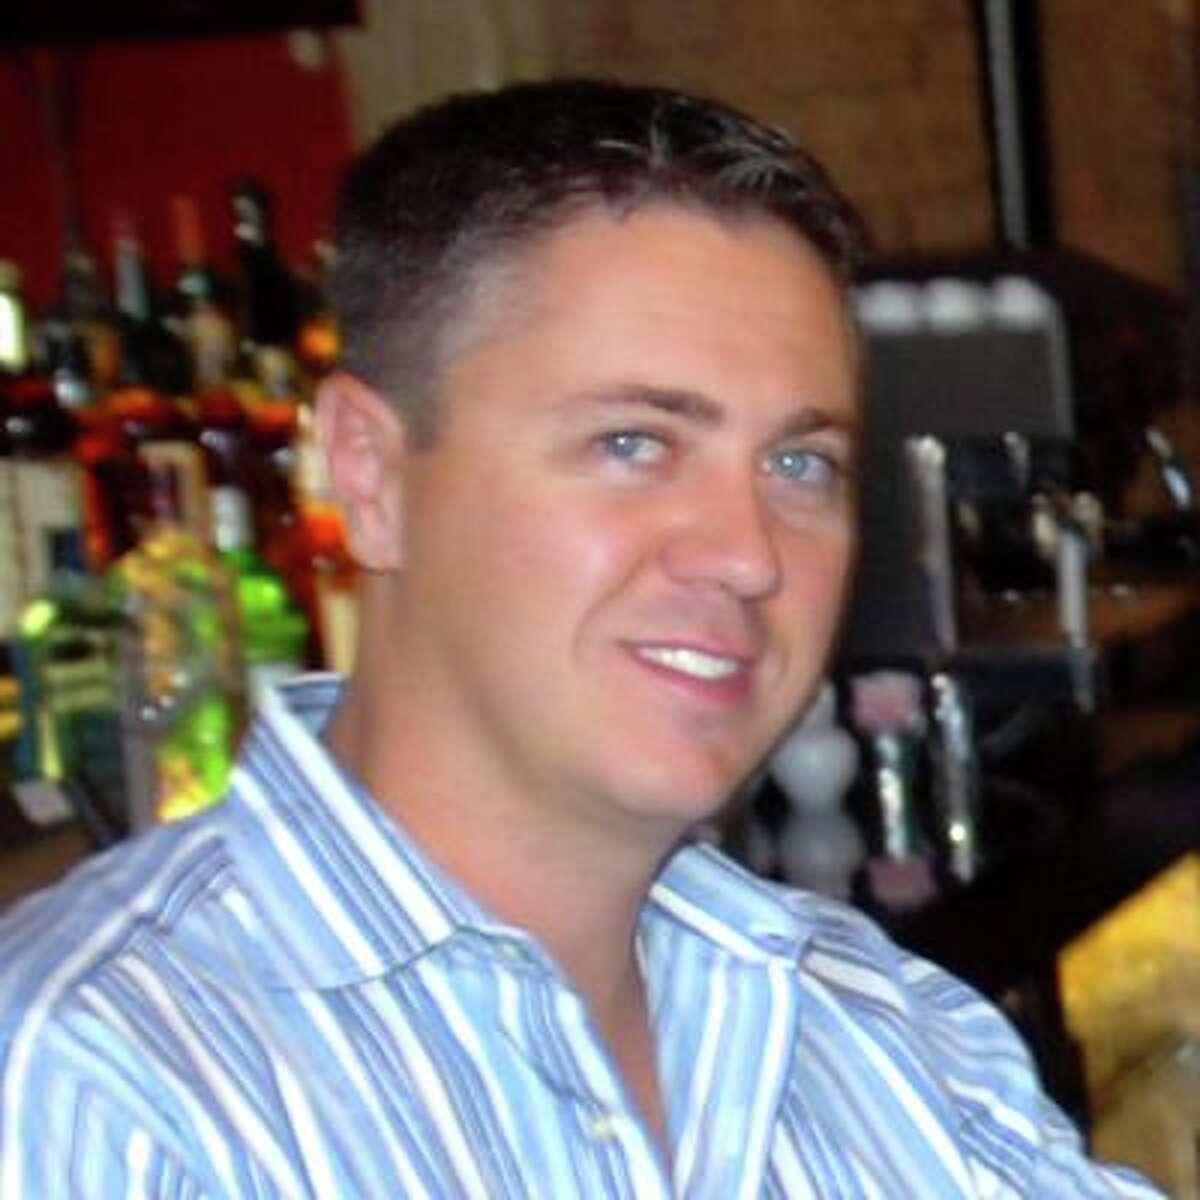 Joe Tiago, Nov. 1st, 2011.